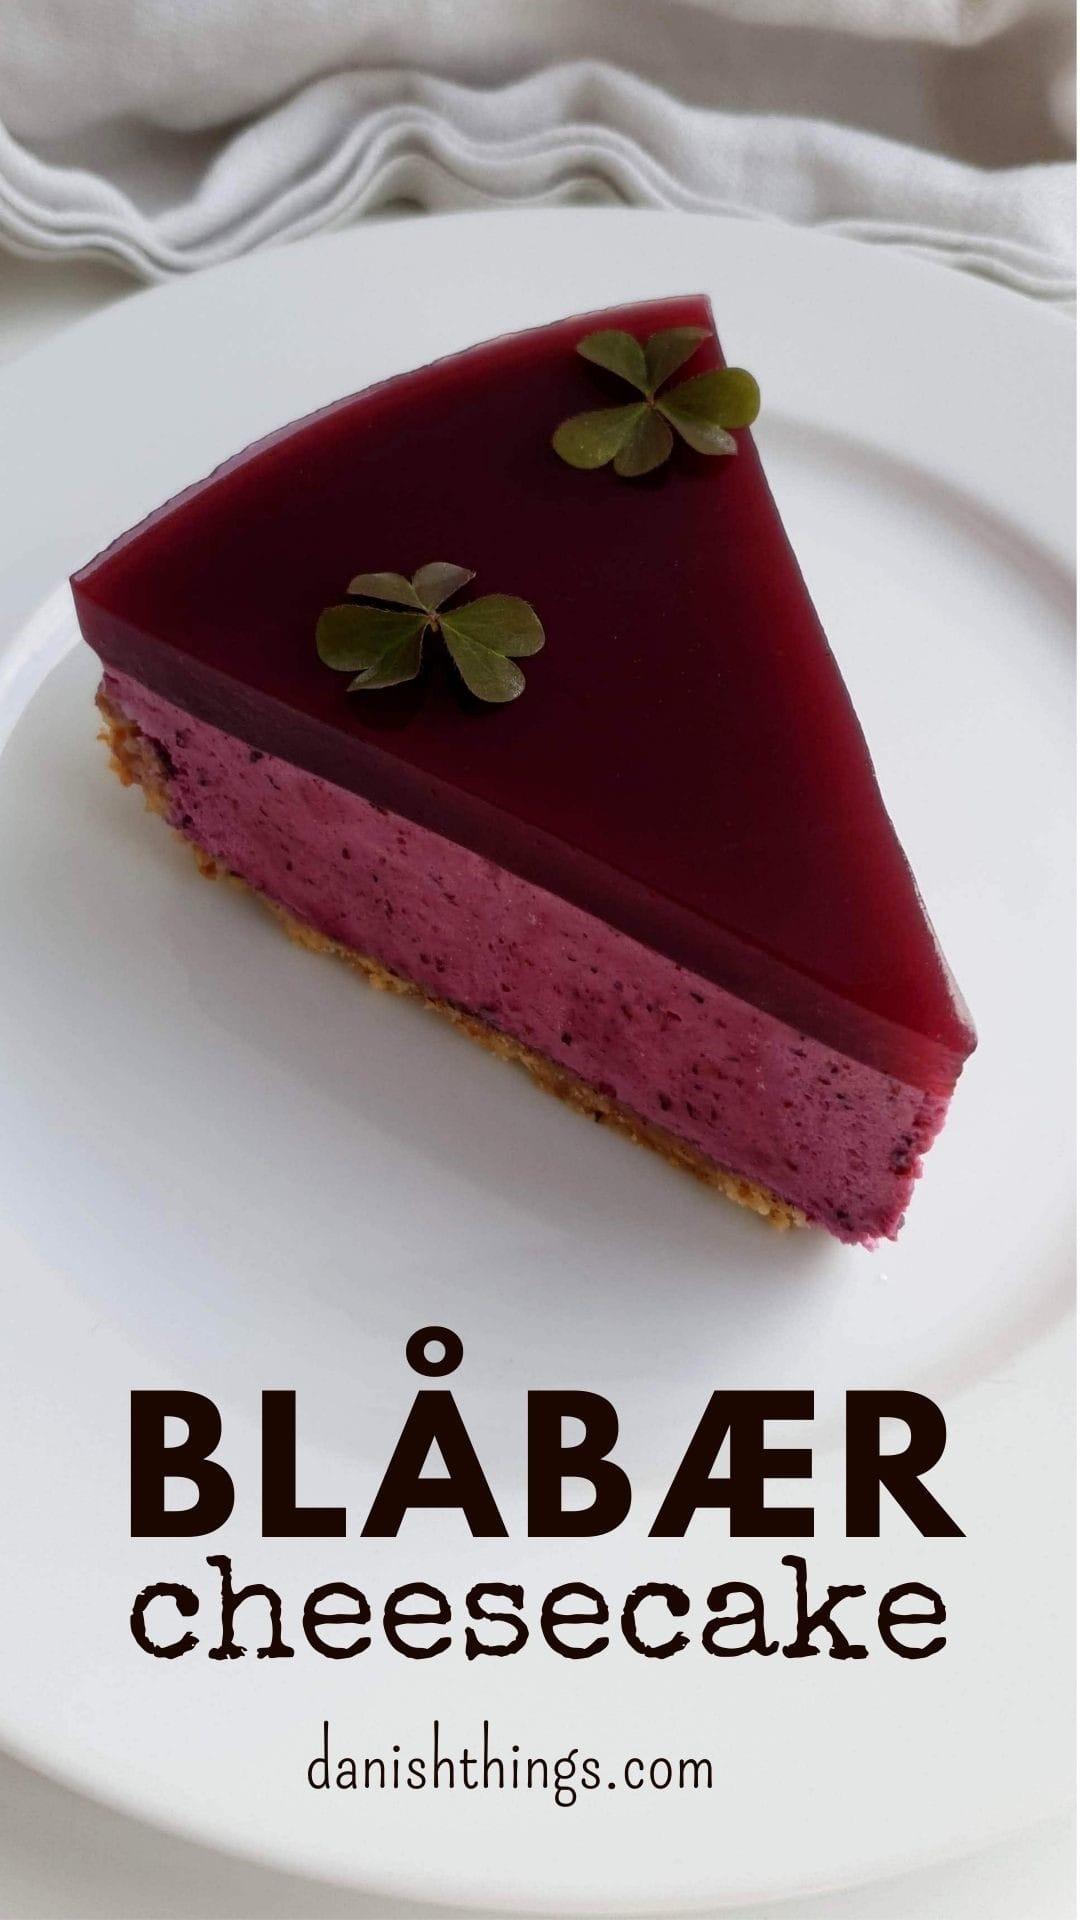 Blåbærcheesecake – en klassisk cheesecake med blåbær og digestive bund. Lige lækker som stor kage, mindre kage, lille kage eller serveret i glas. Find opskrifter, gratis print og inspiration til årets gang på danishthings.com #DanishThings #cheesecake #blåbær #blåbærcheesecake #digestive #digestivebund #fødselsdag #kage